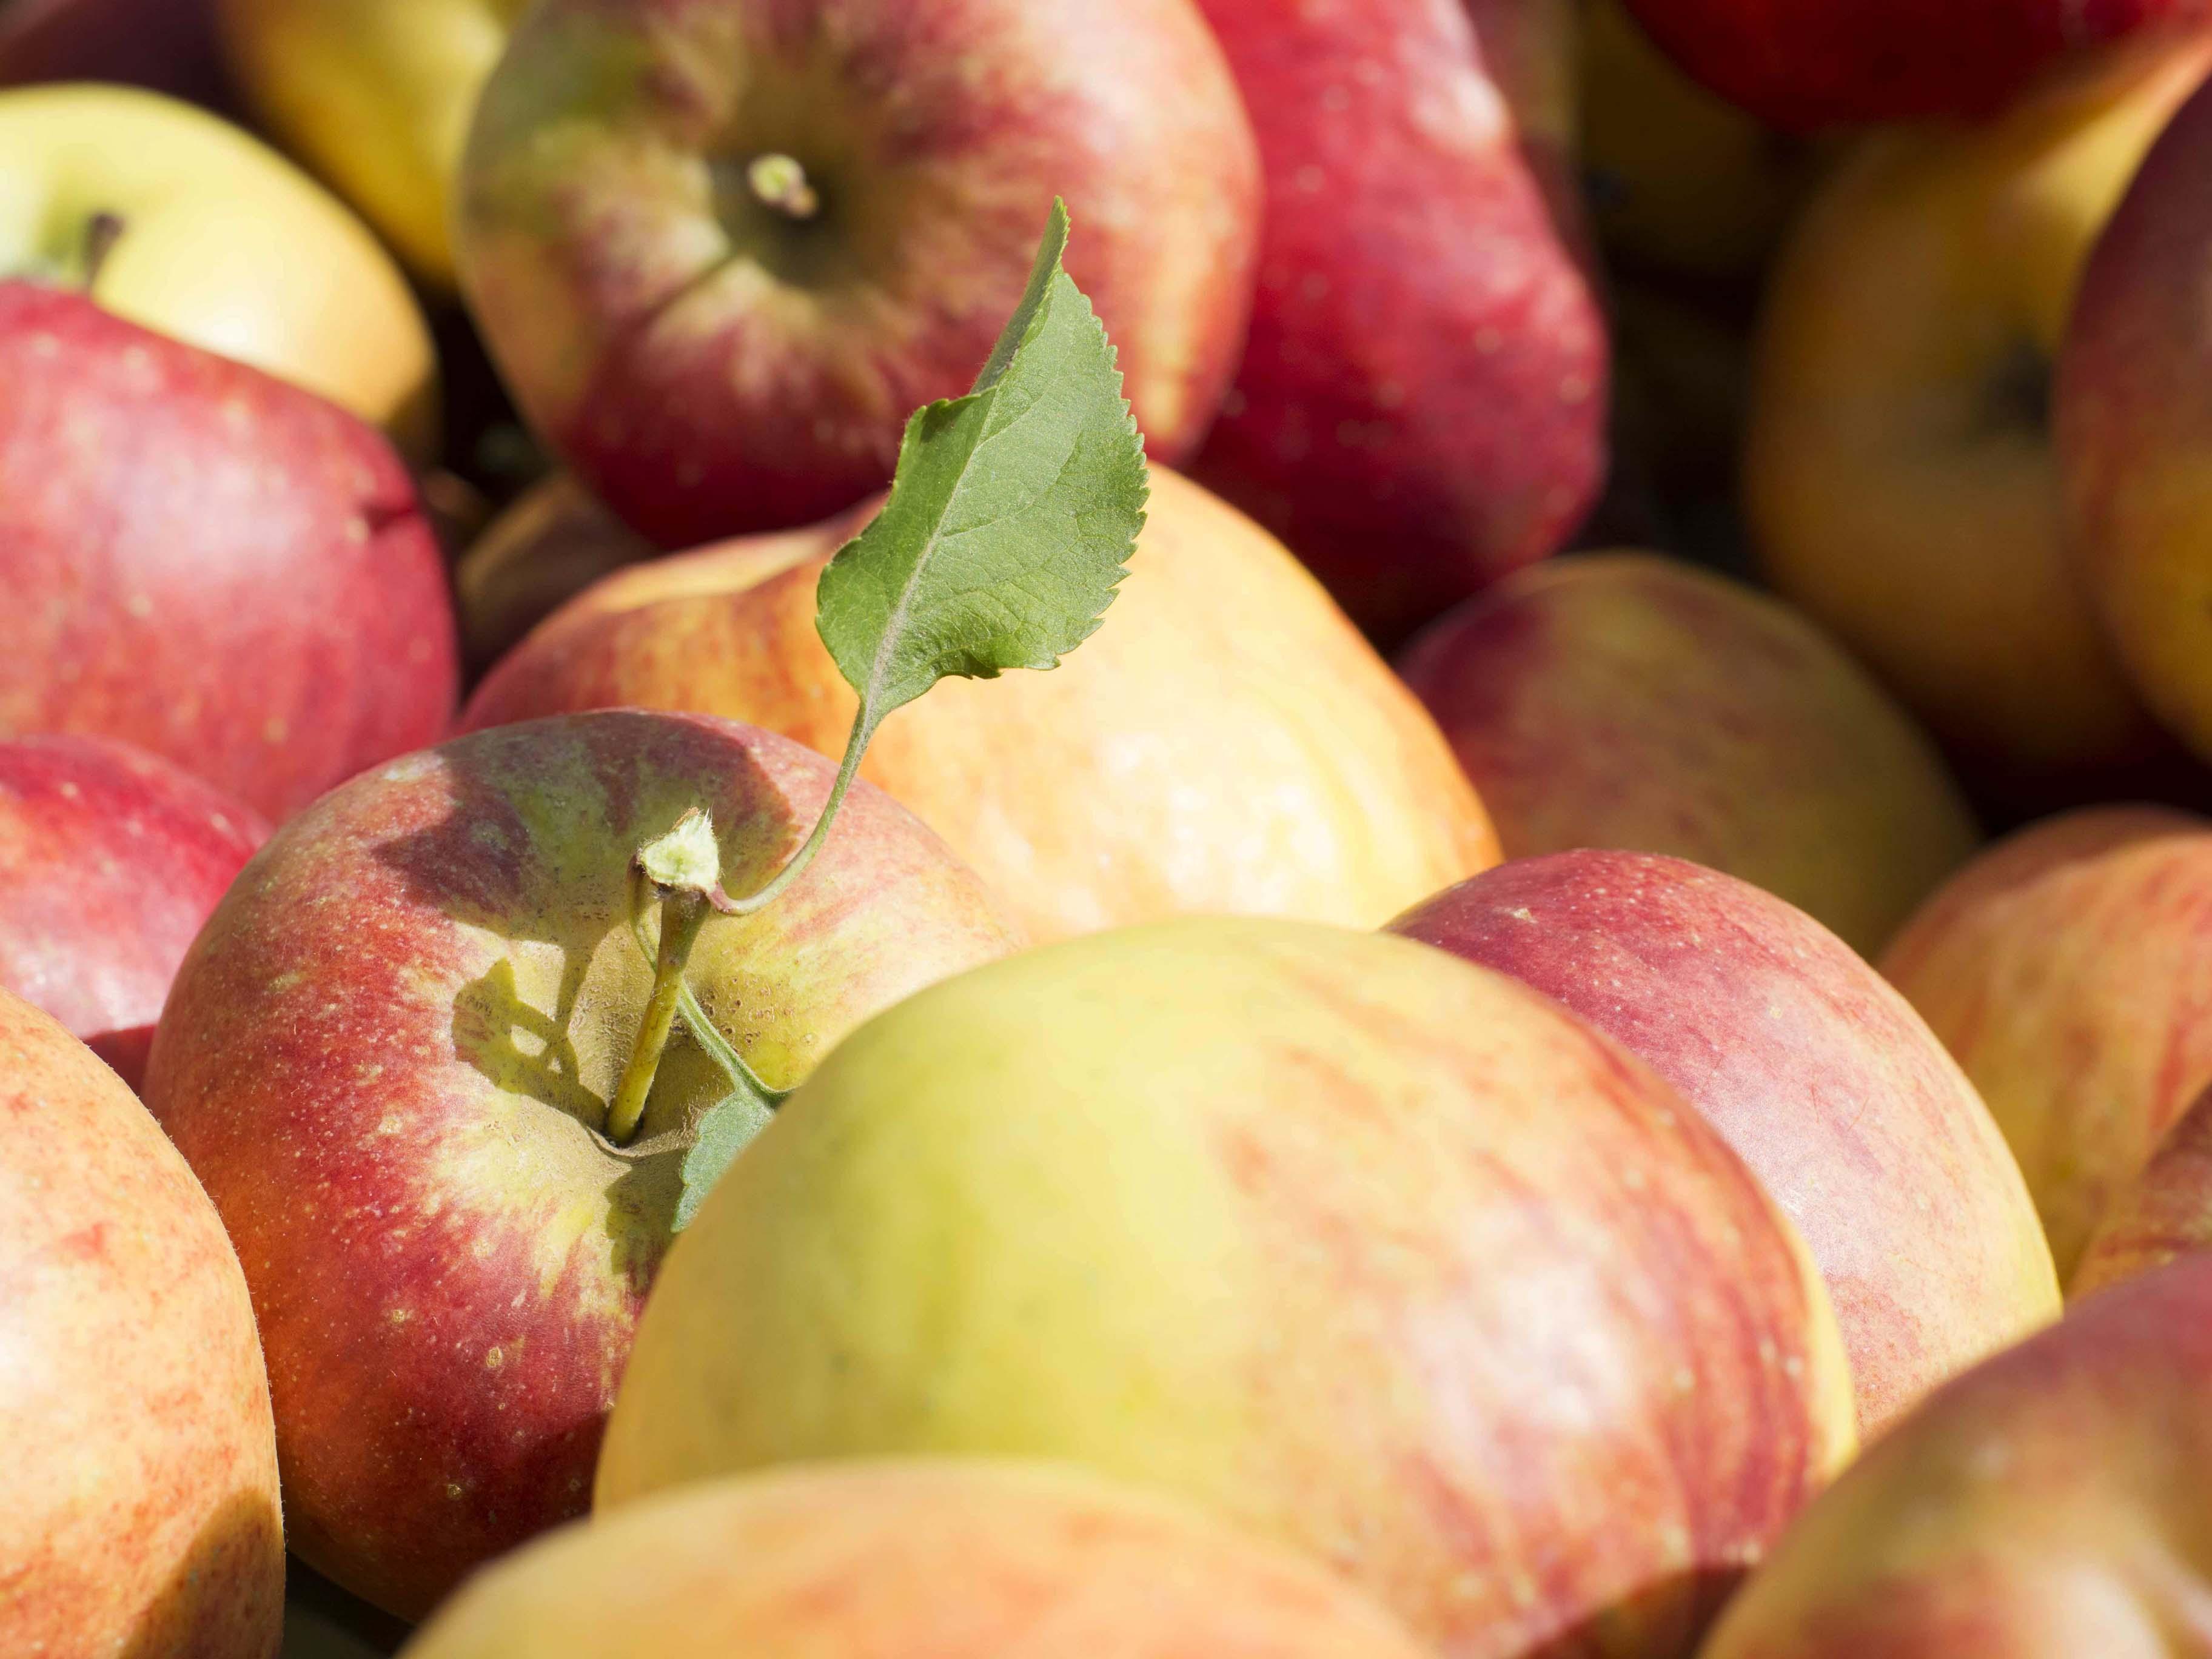 Appelhof Apfelkiste